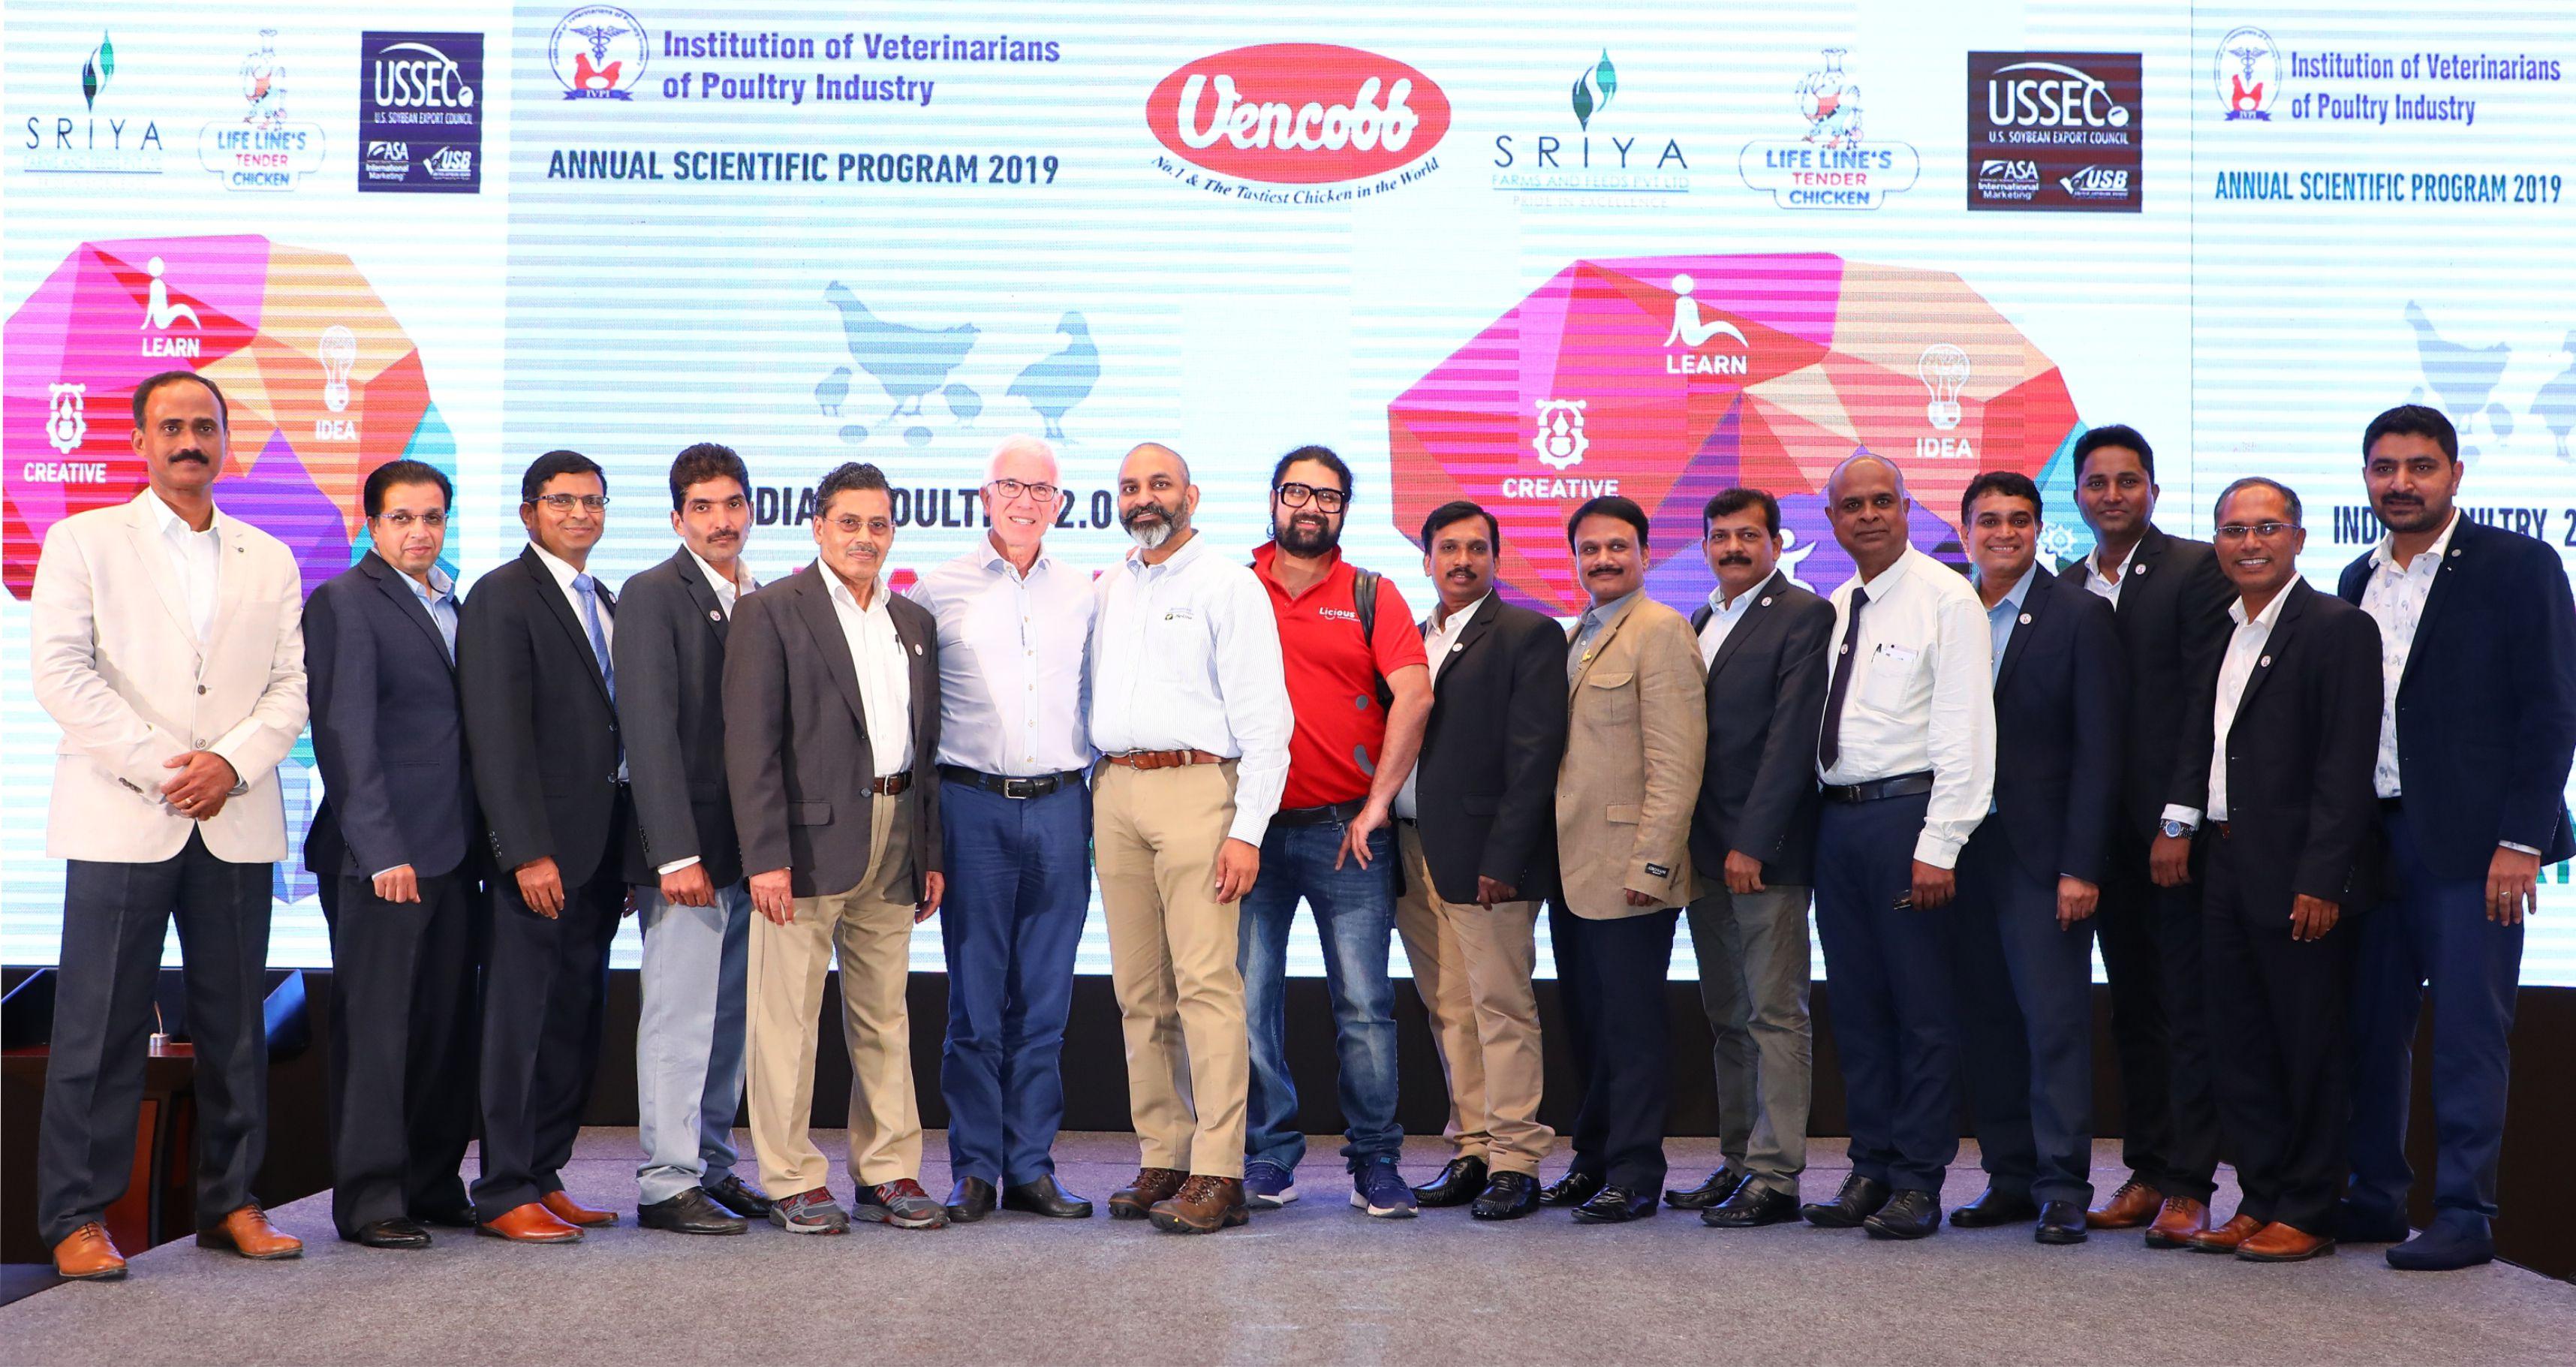 IVPI ASP 2019 team